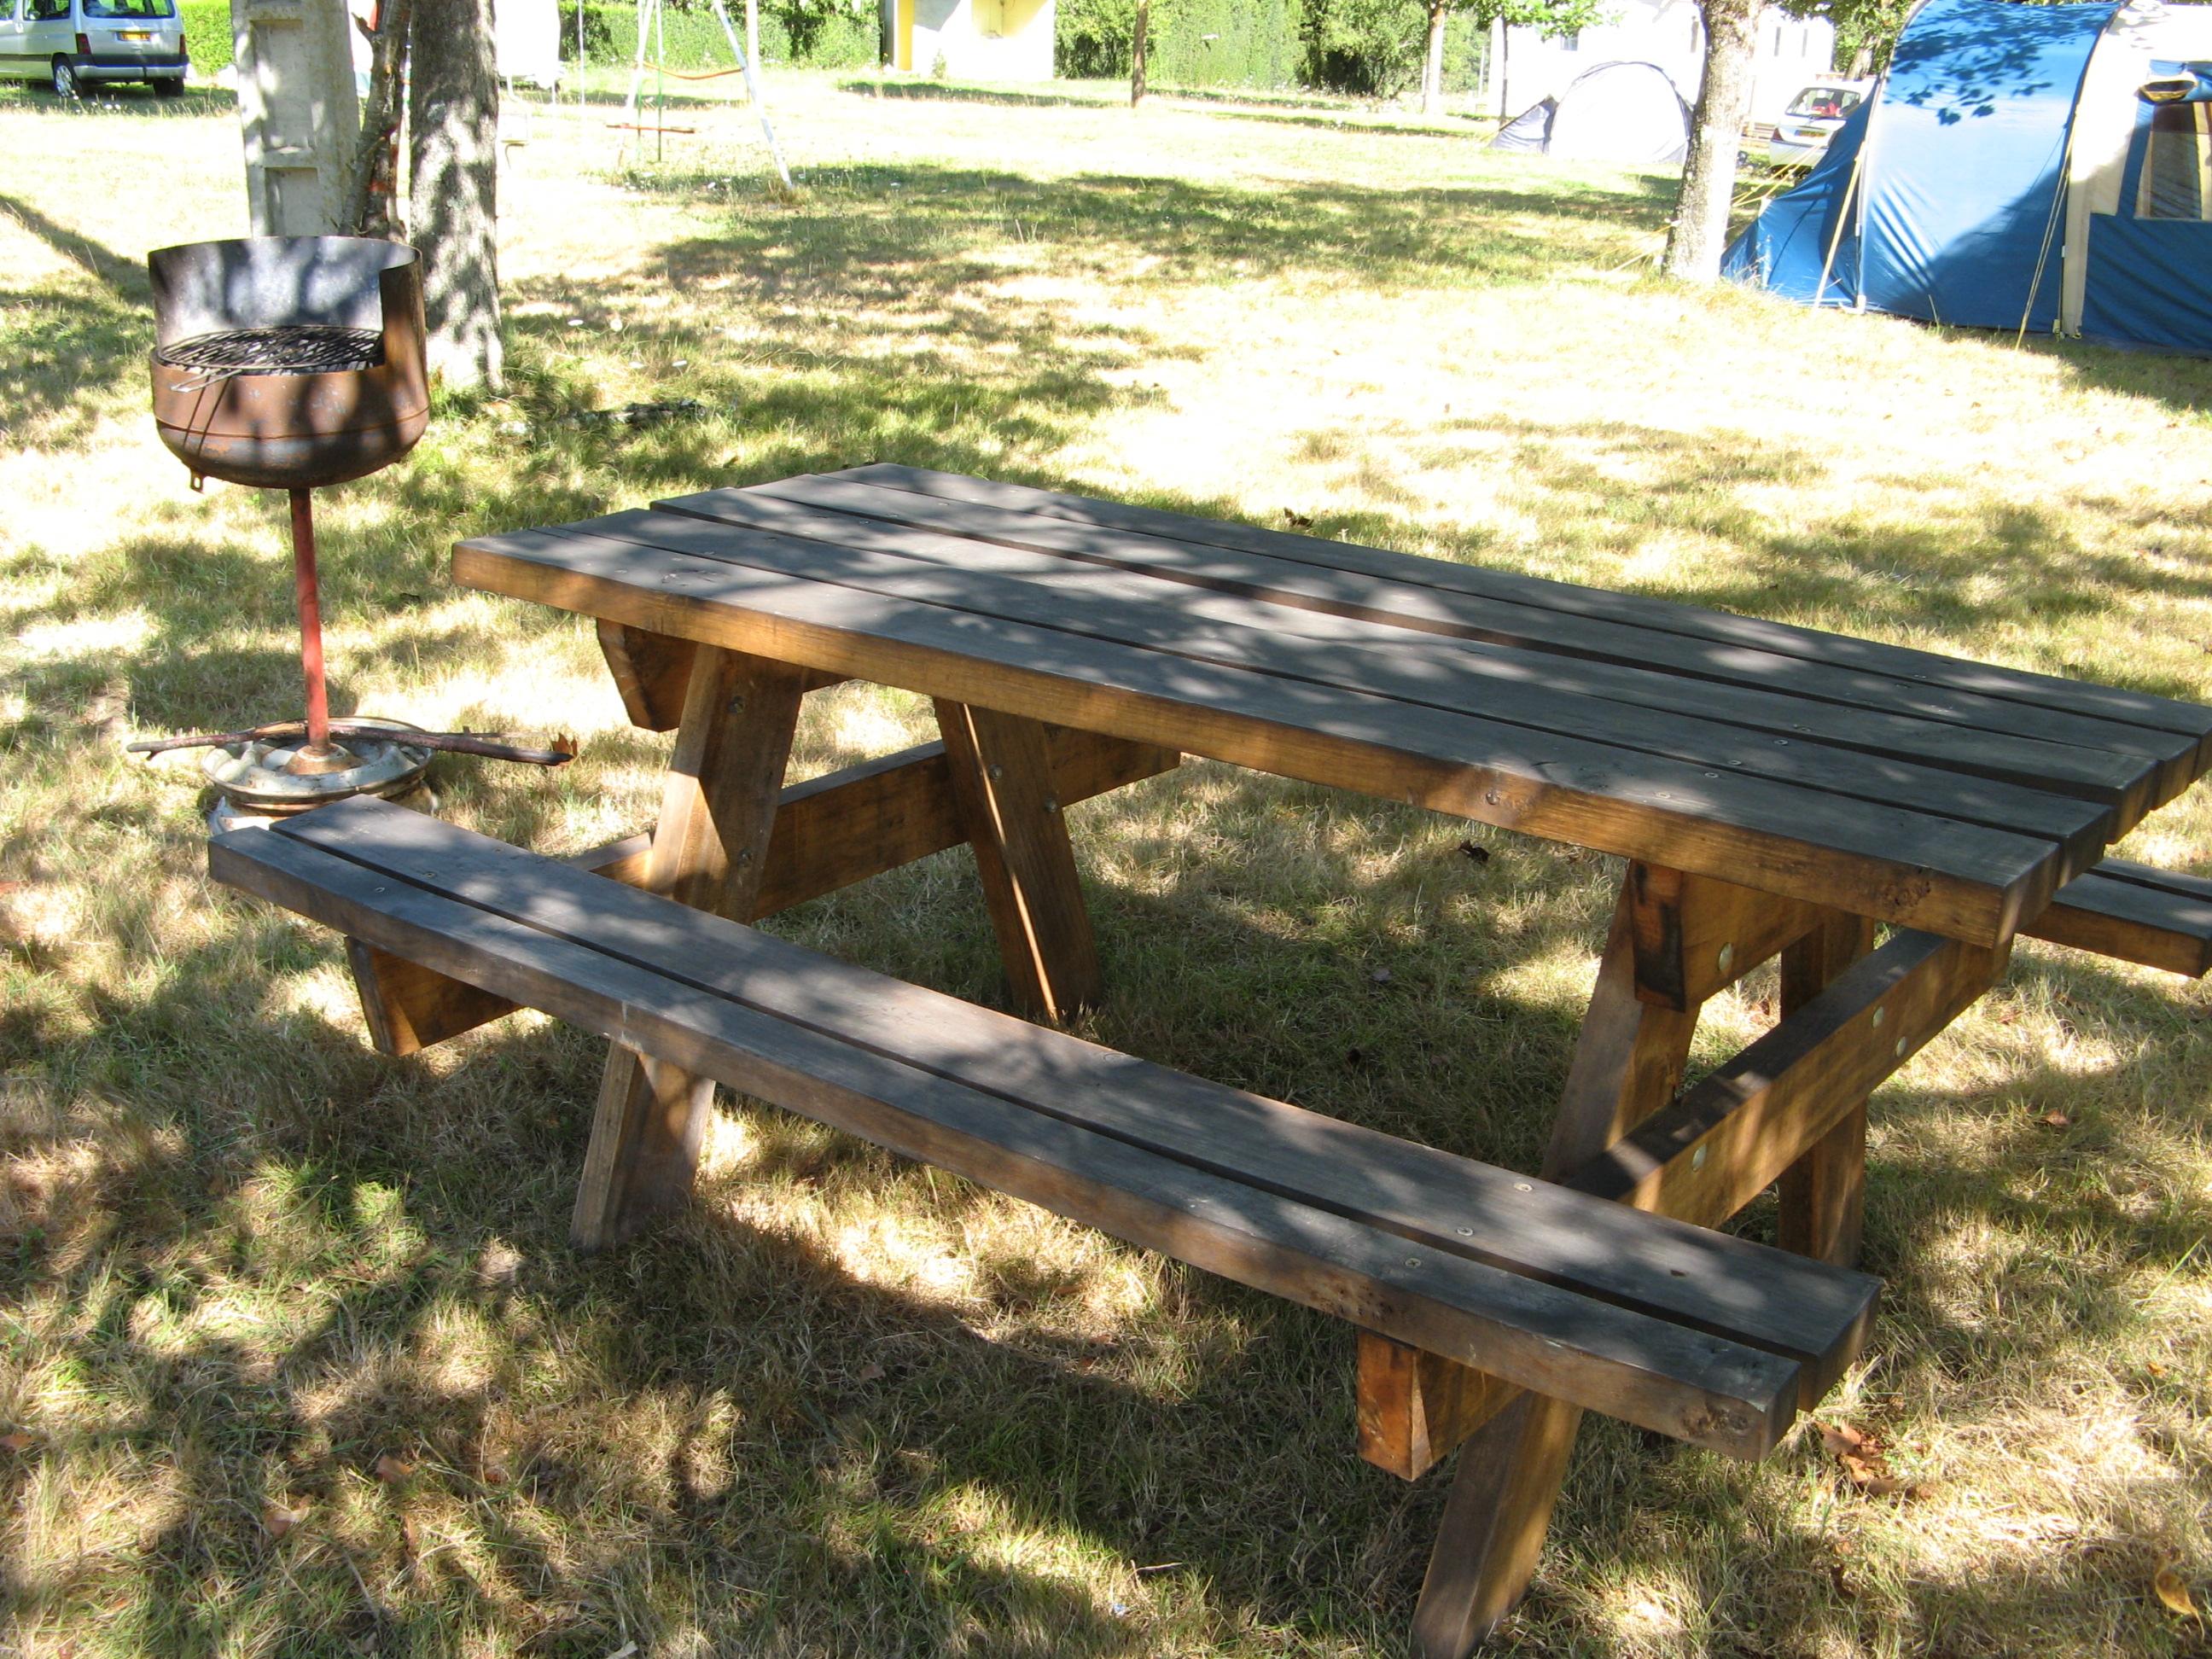 Le camping – Camping la ferme de Milhars dans le Tarn